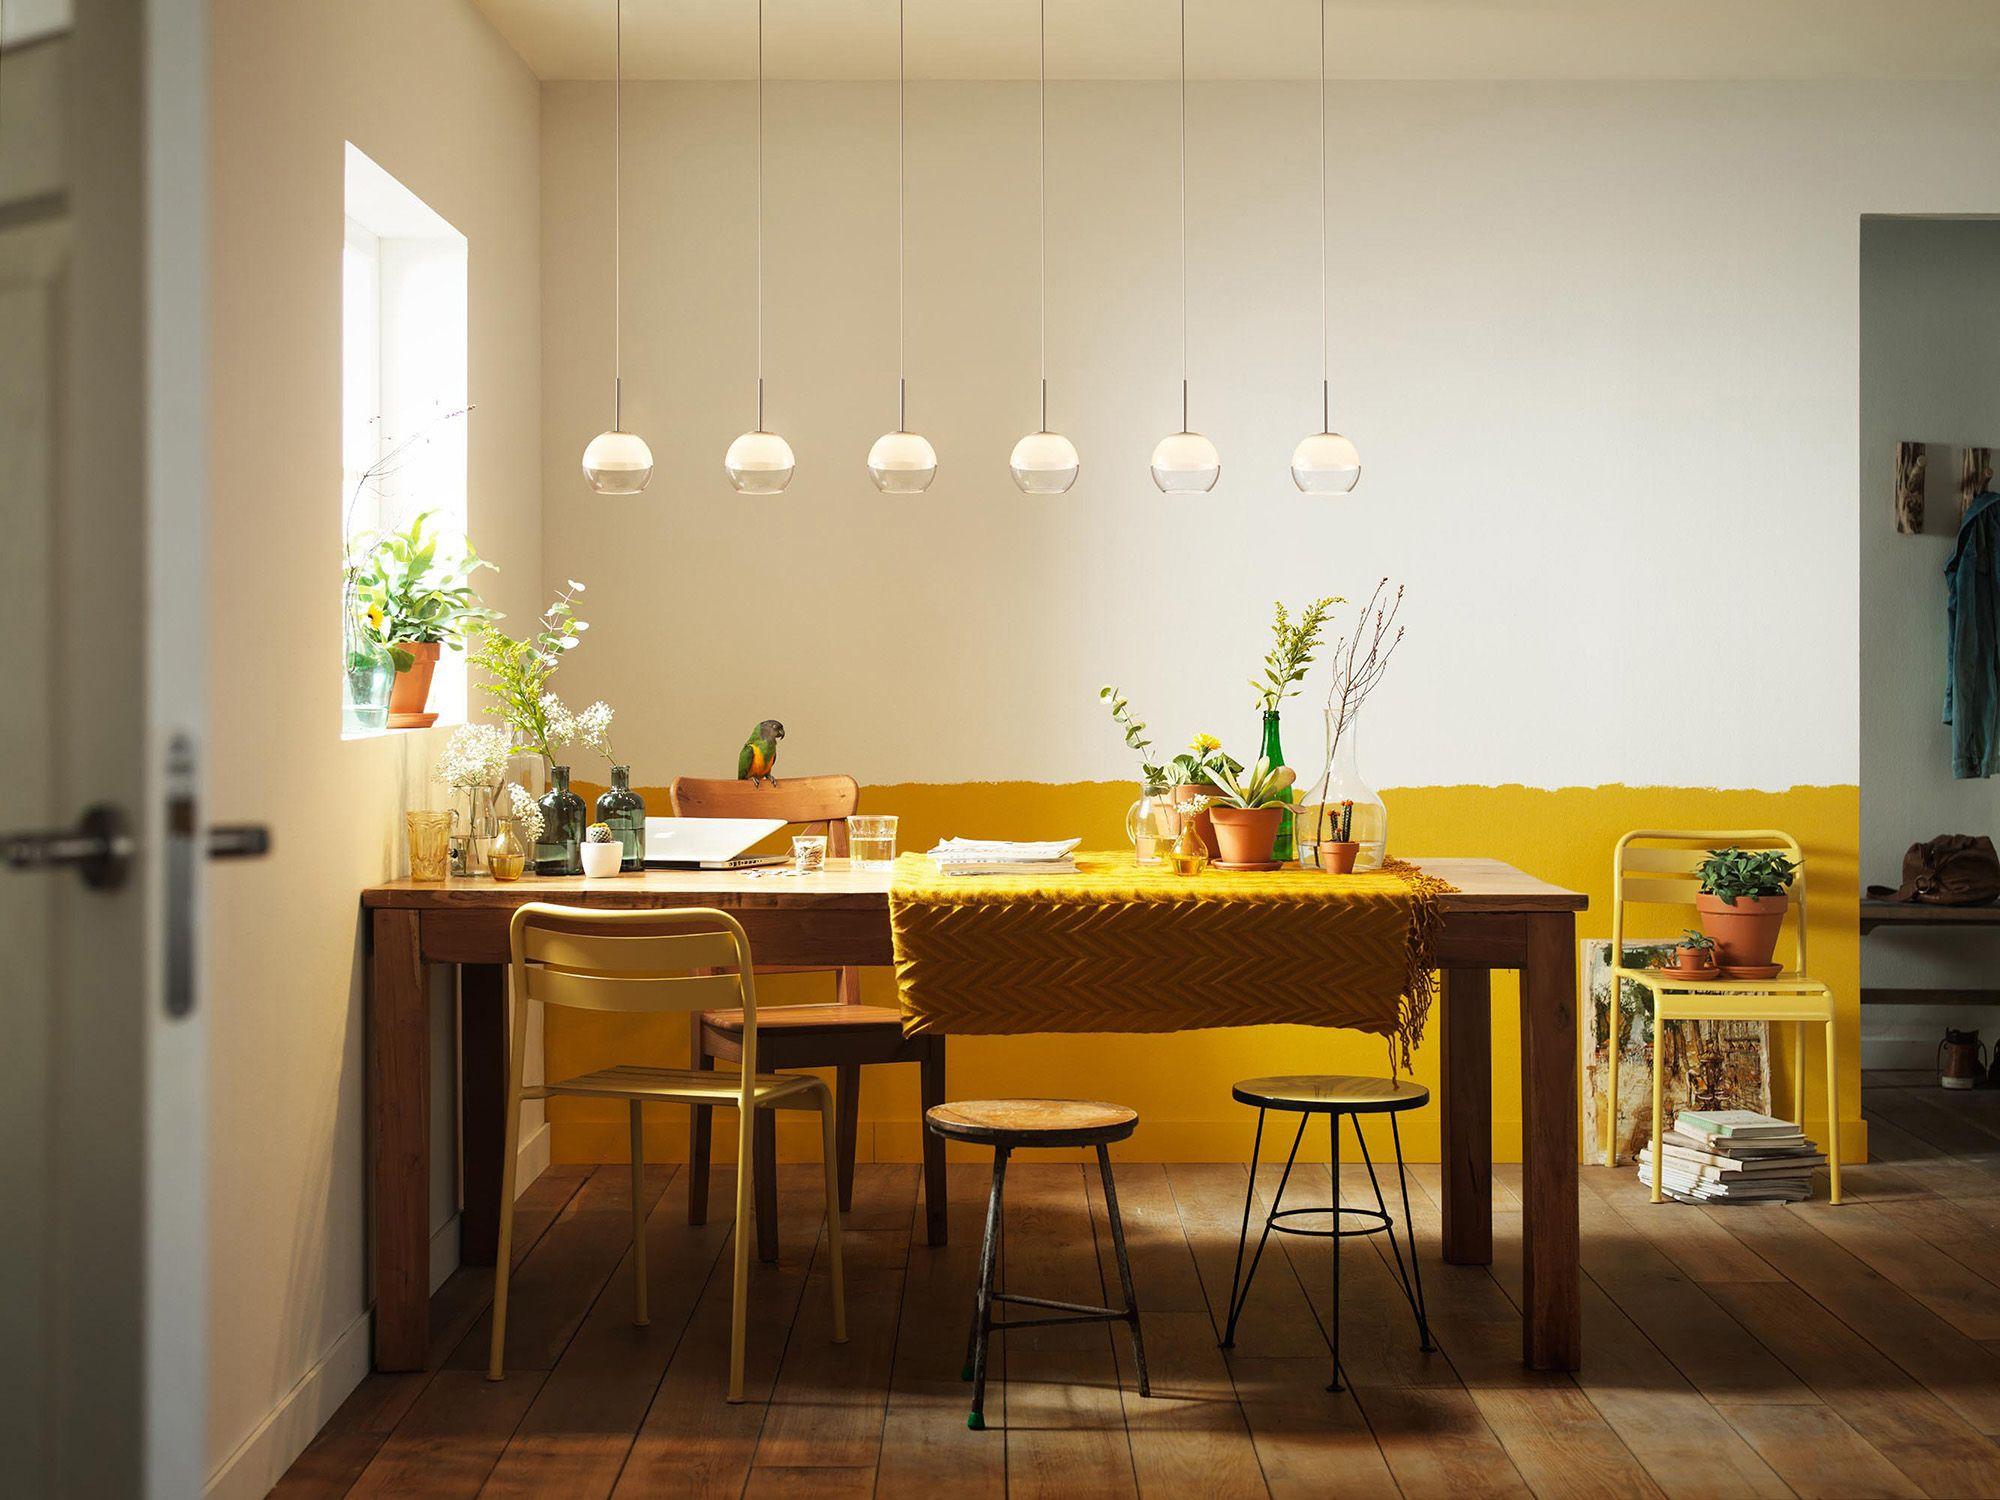 Luci soggiorno ~ Lampada a sospensione arago perfetta come luce per il soggiorno